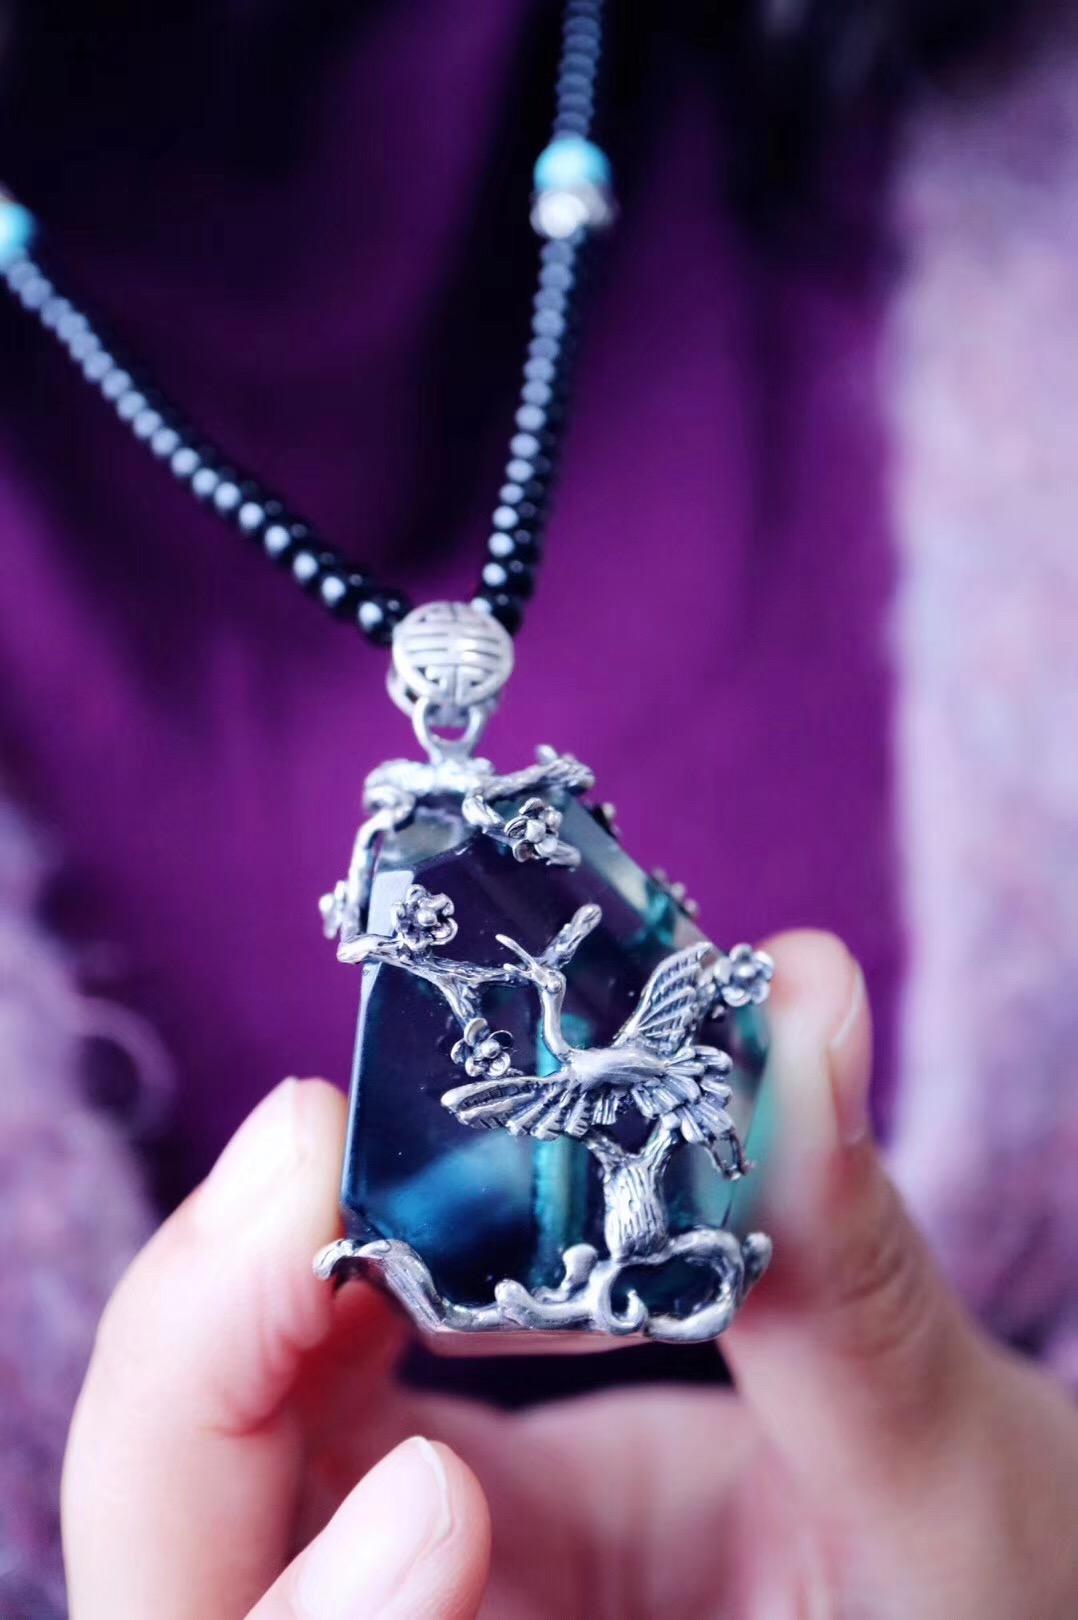 【菩心-仙鹤系列定制】真可谓鹤瘦松青,精神与、秋月争明-菩心晶舍